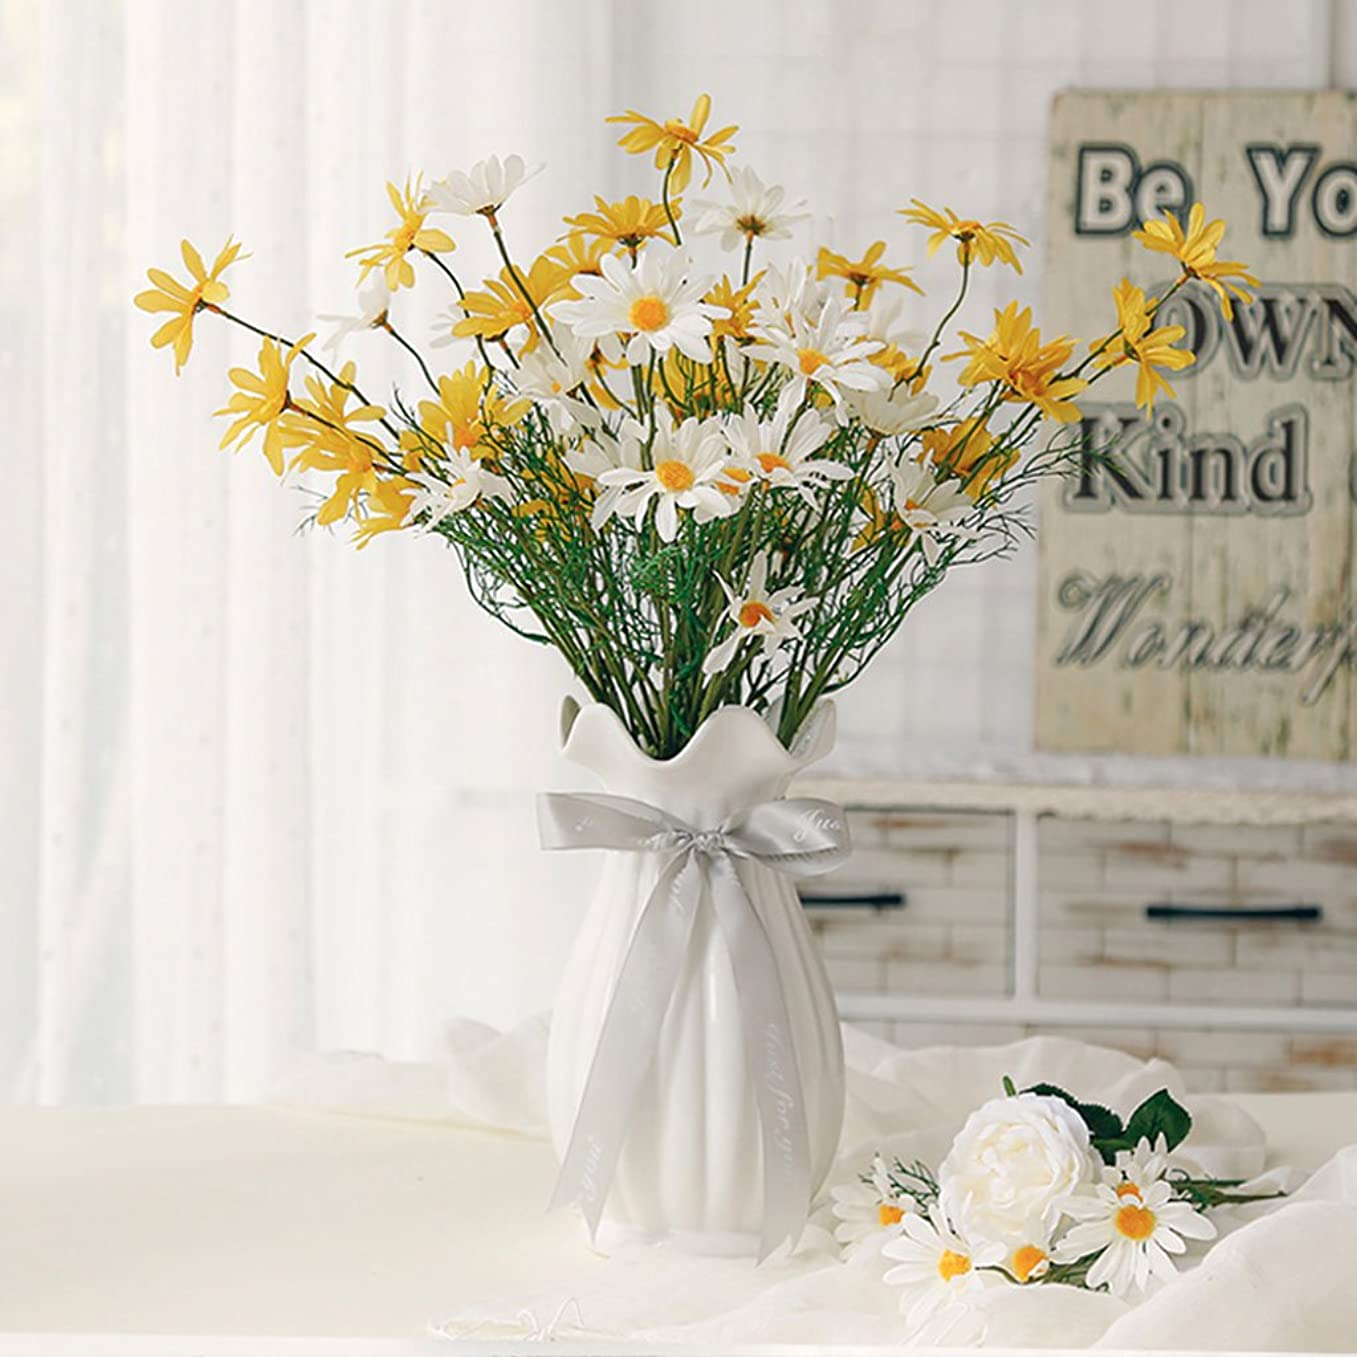 南極蓮スパークMeters ヨーロッパスタイルのクリエイティブセラミック花瓶透明色のリビングルームは、花の花瓶の装飾品の工芸品を乾燥